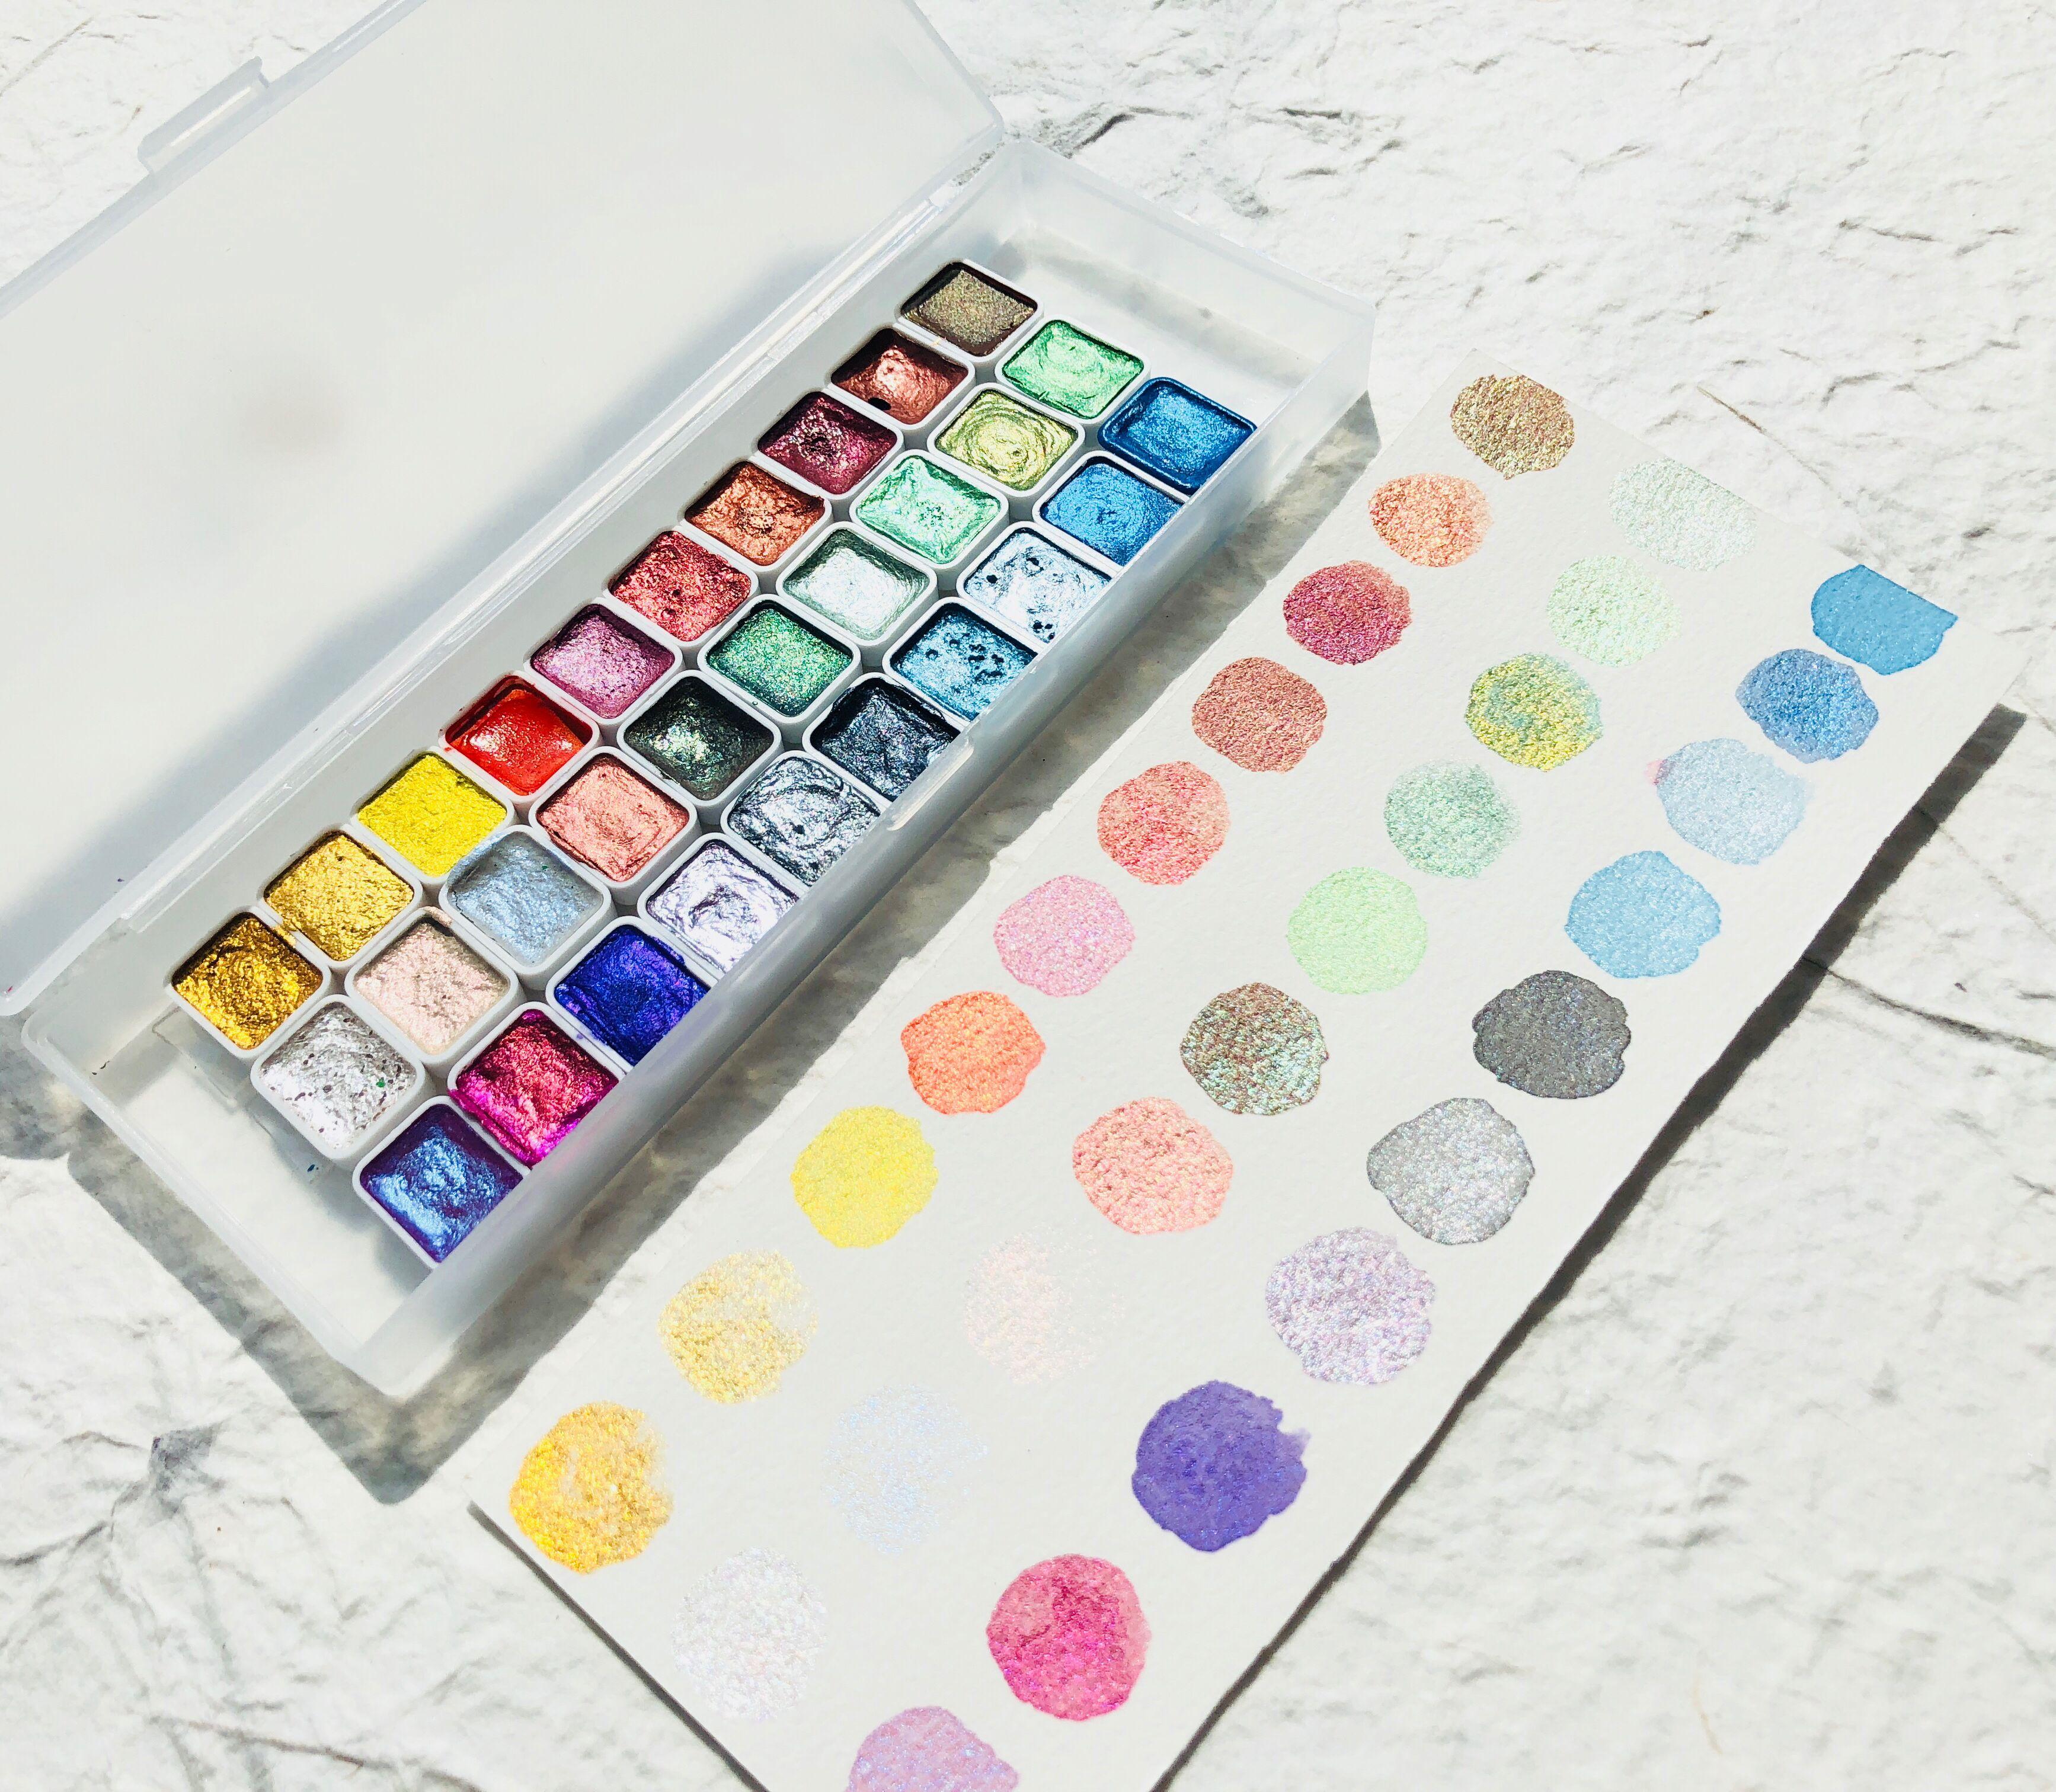 30 Цвета однотонные четверти кастрюли жемчужный металлик акварельные краски в наборе падения воды камень циркон Цвета Нейл-арт рисования ...